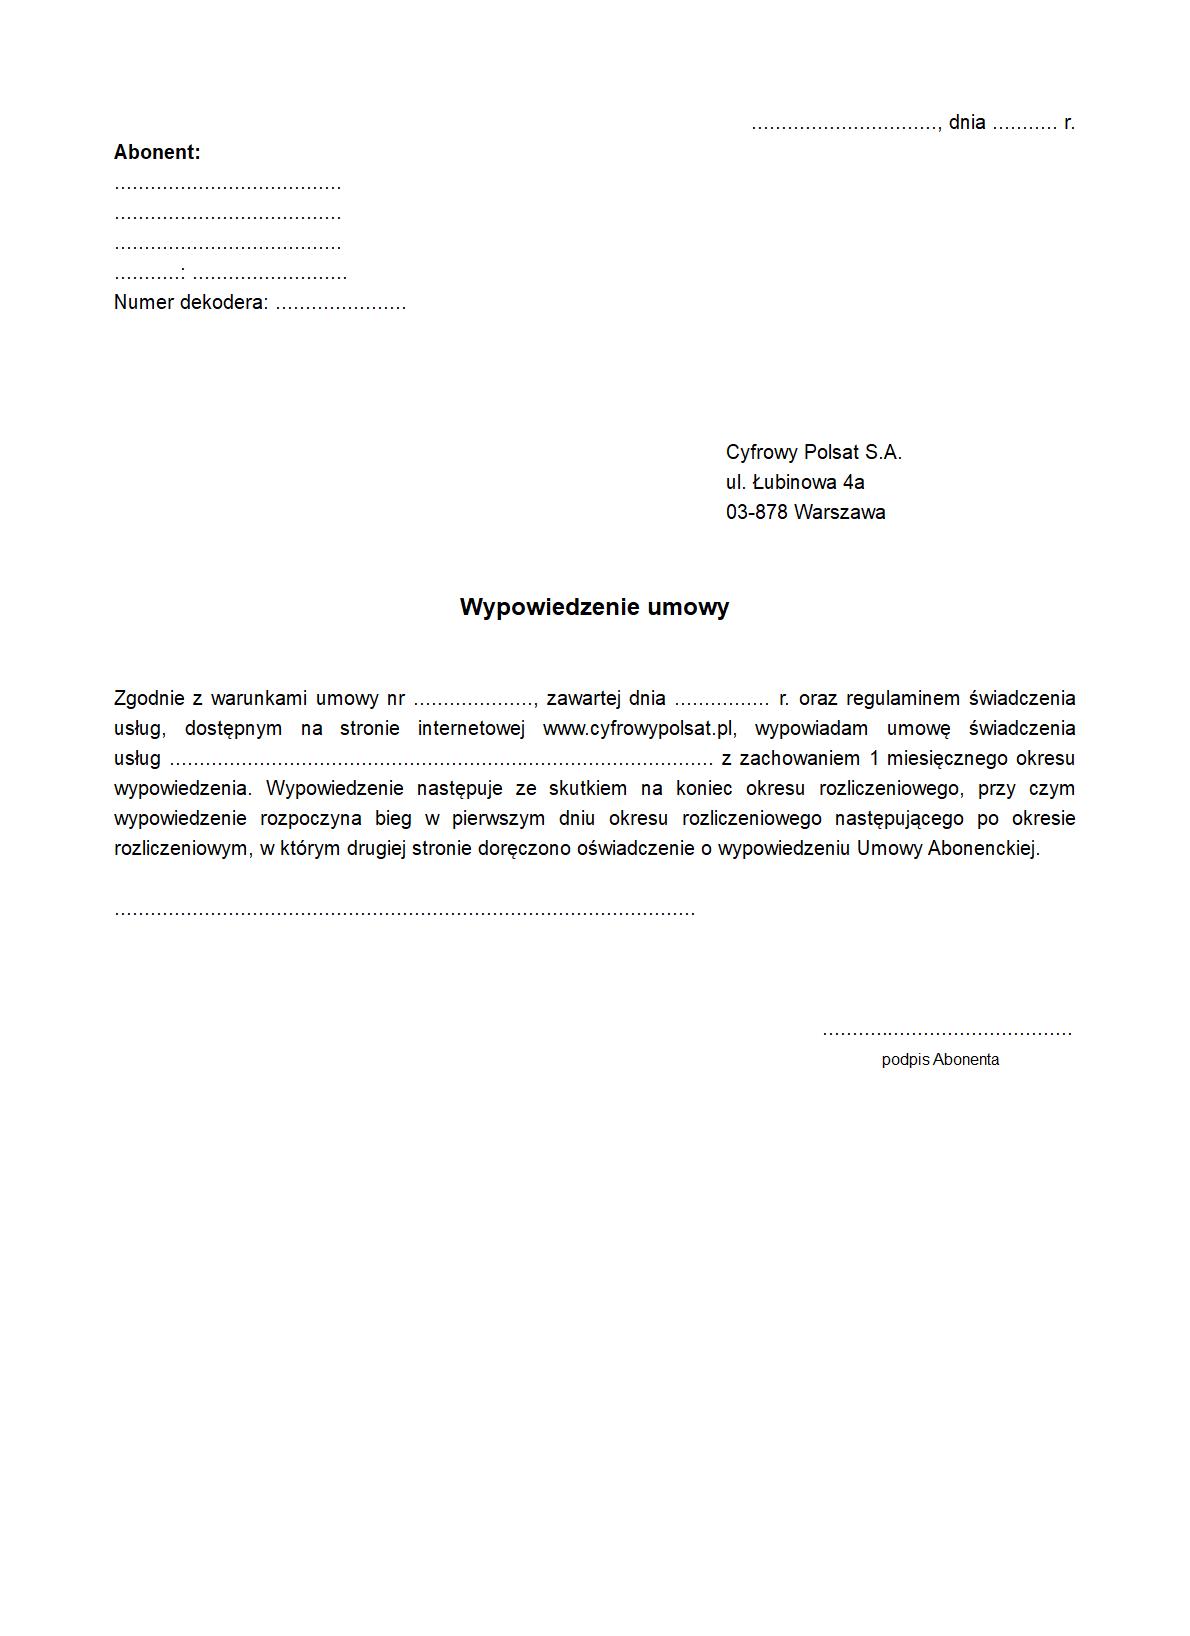 Wucp Wypowiedzenie Umowy Cyfrowy Druk Formularz Online